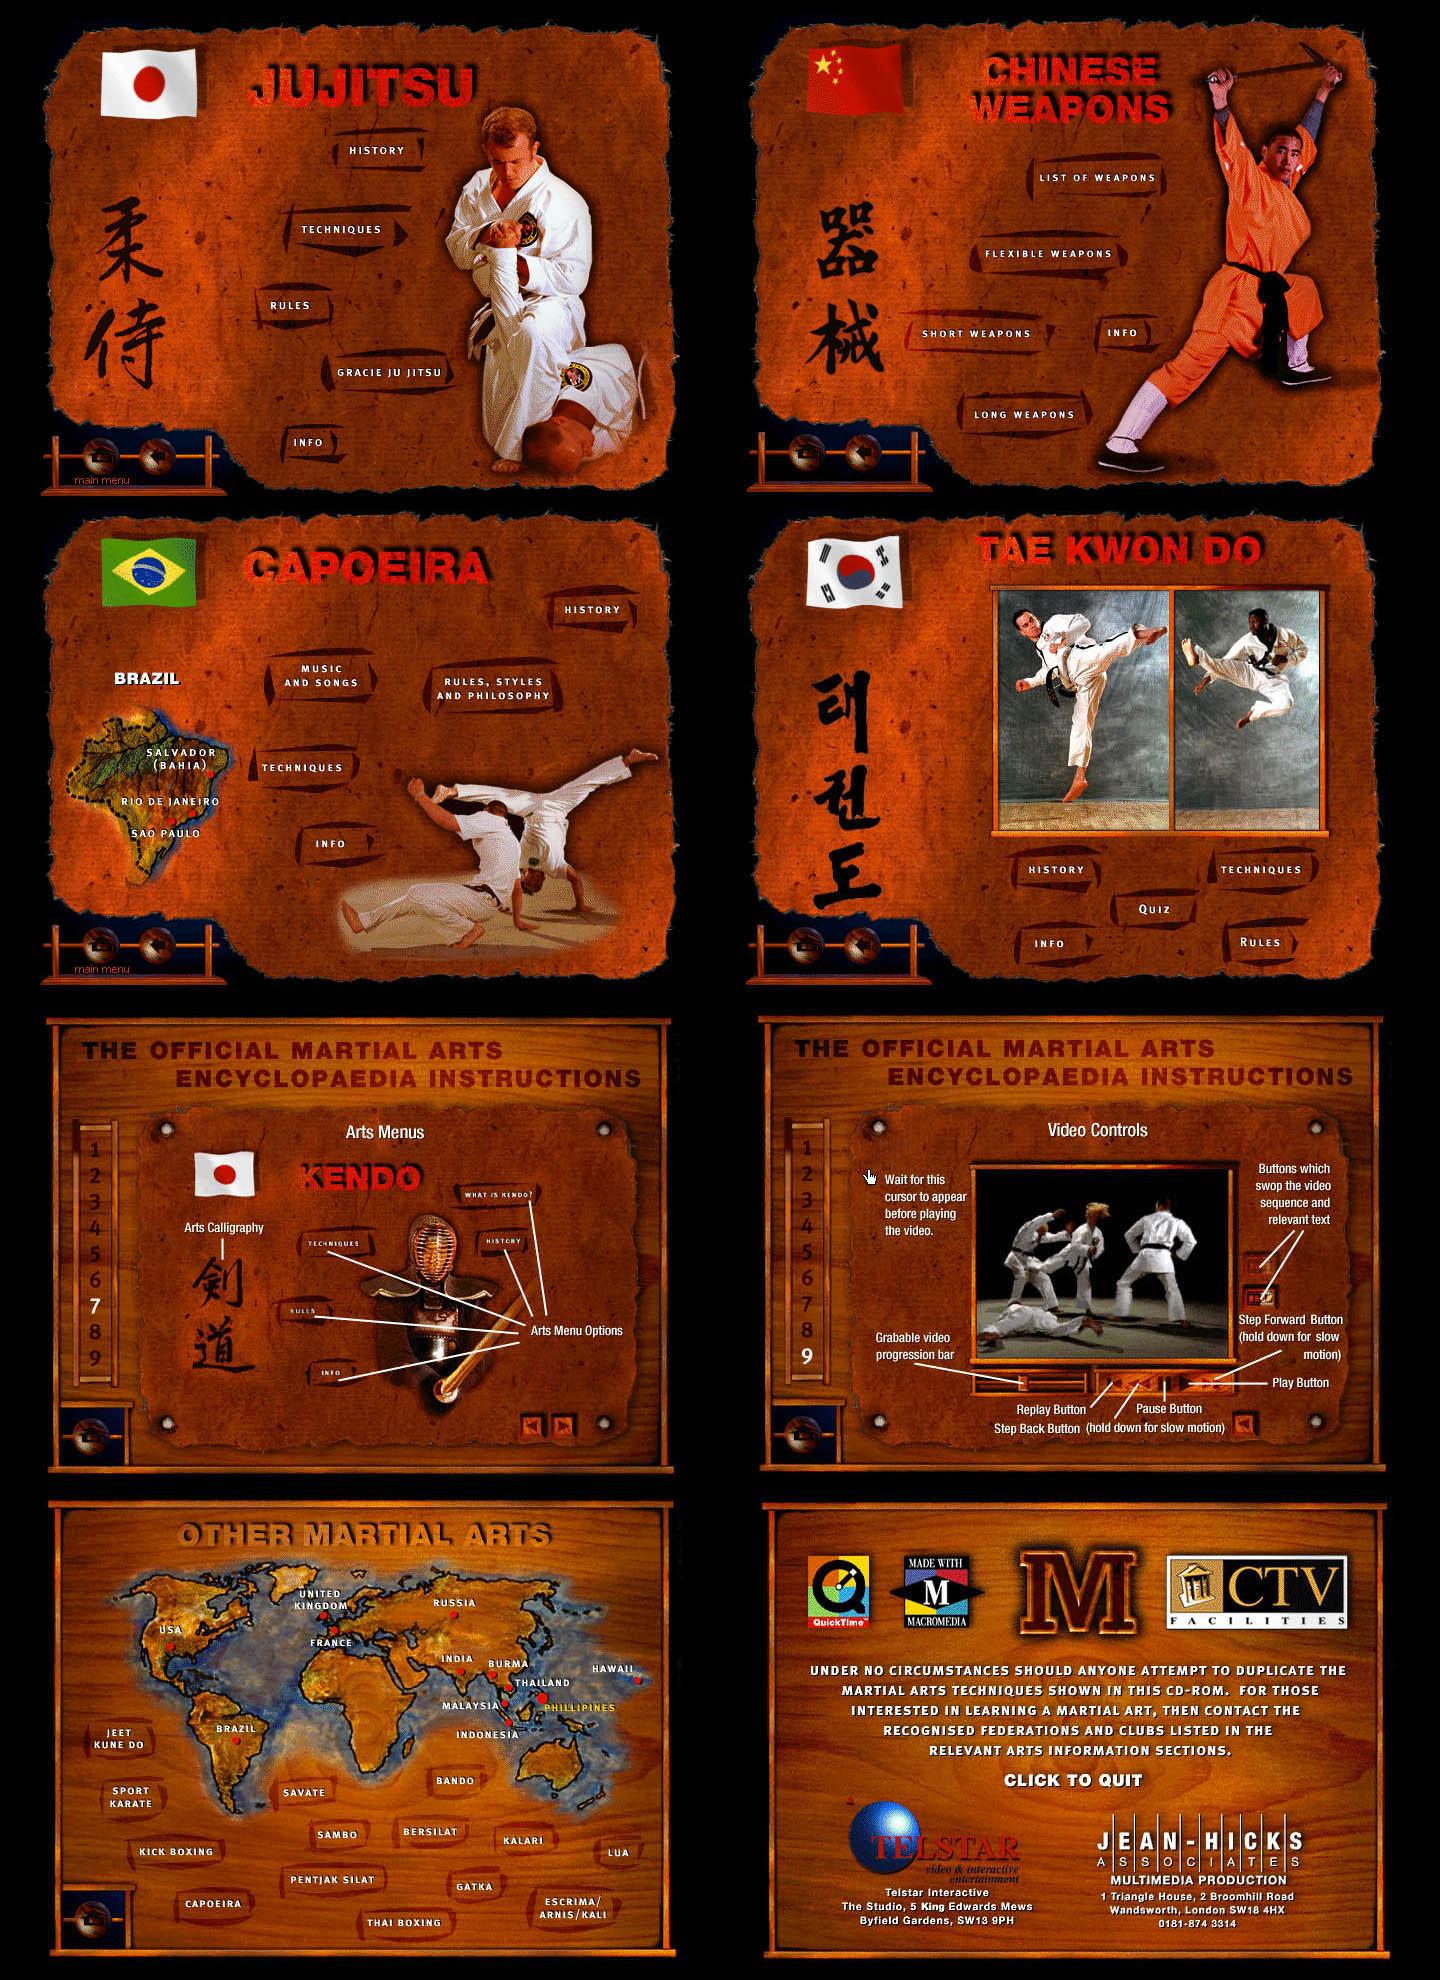 02 - Martial Arts Project